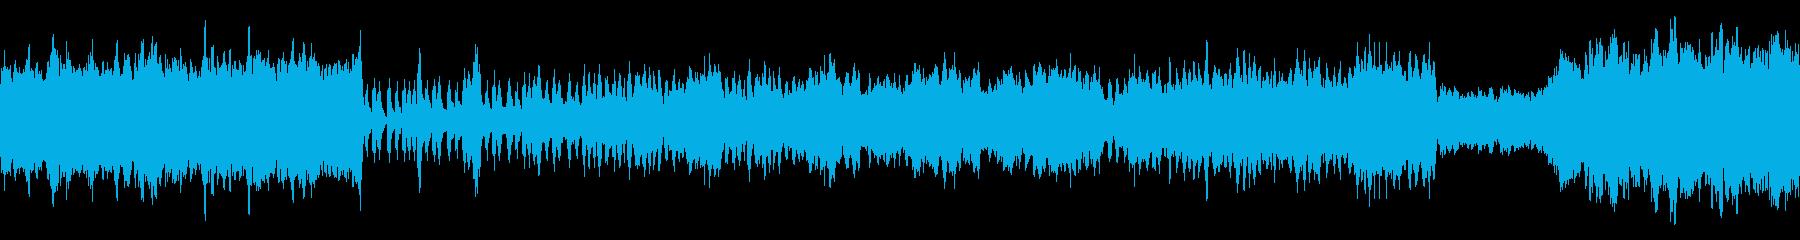 ボス戦をイメージしたオーケストラBGMの再生済みの波形